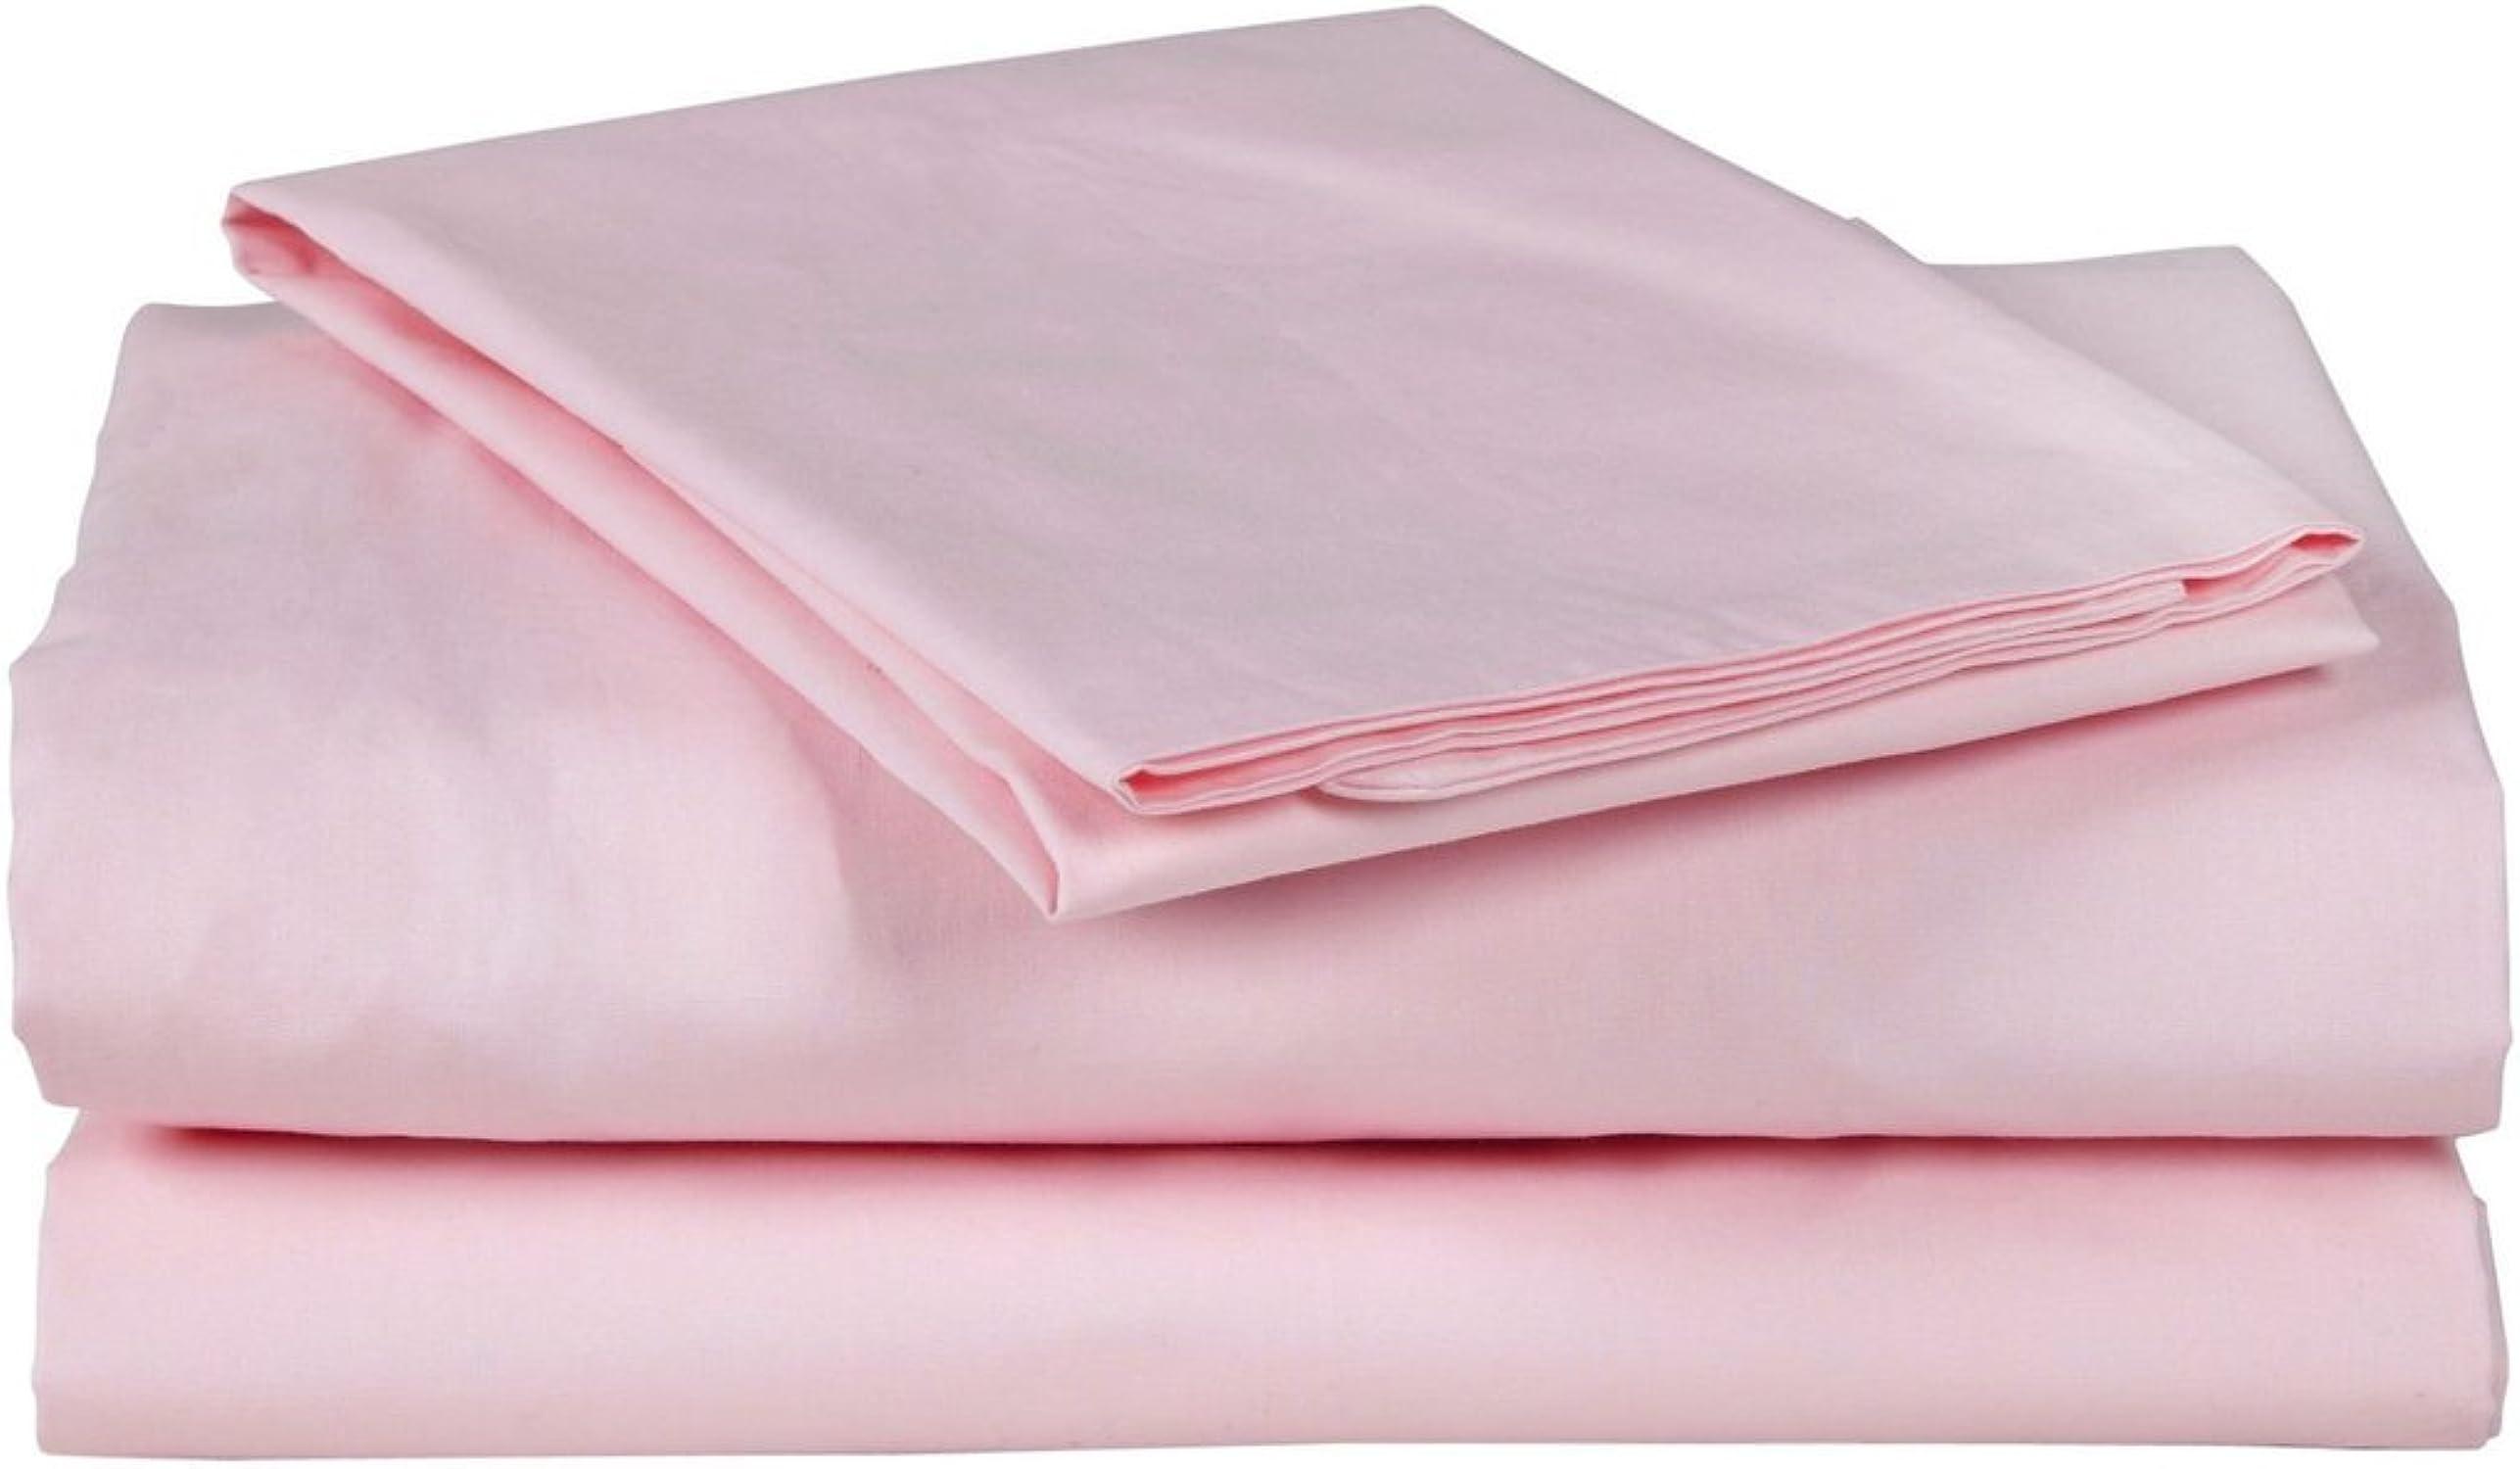 Dreamz Bedding Premium de qualité 450-thread-count Coton égypcravaten de lit 76,2cm Extra Poche Profonde UK Super King Taille, Rose Solide, 450tc Parure de lit 100% Coton